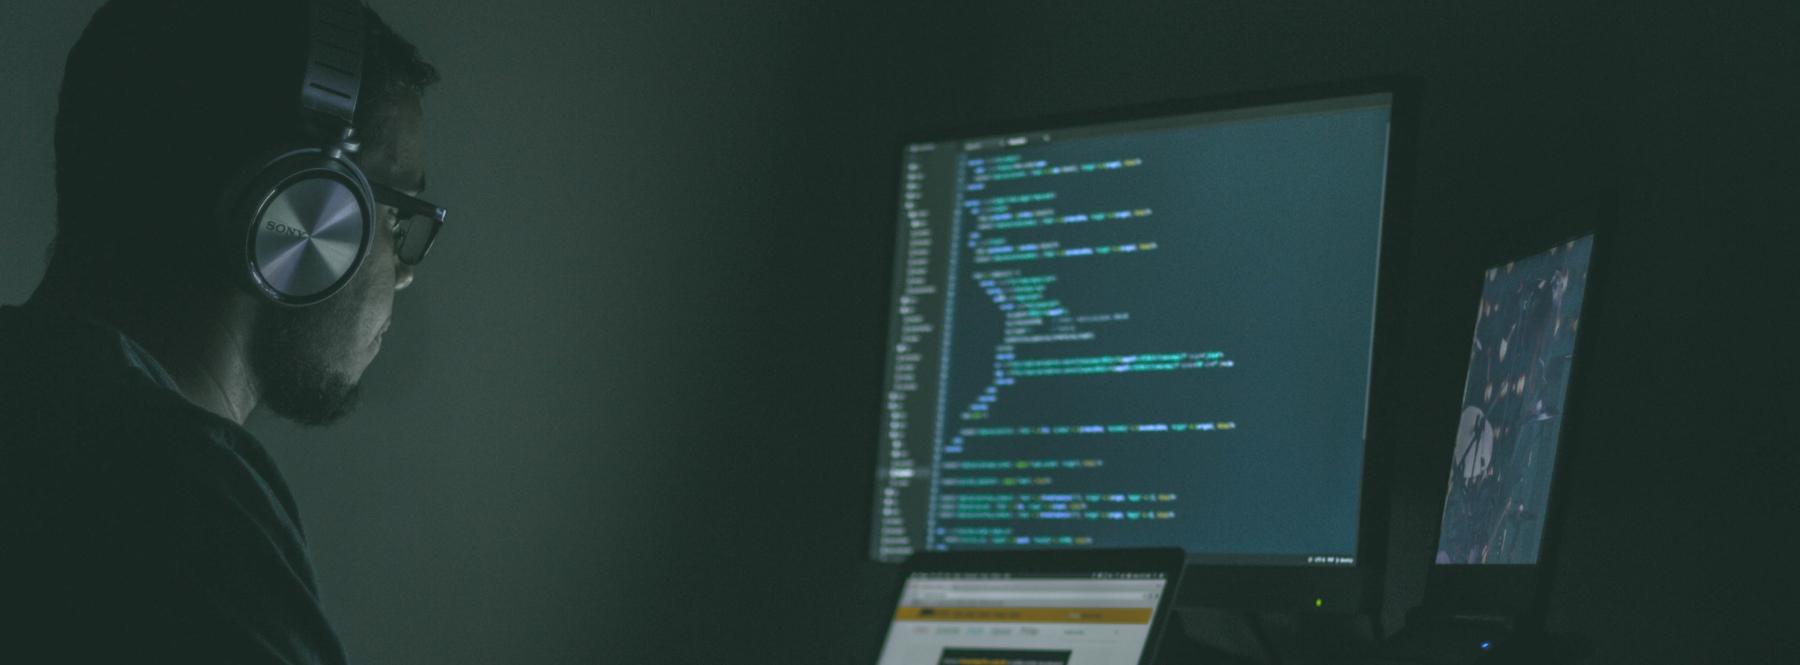 Tres documentales para comprender qué hacen con tus datos en Internet